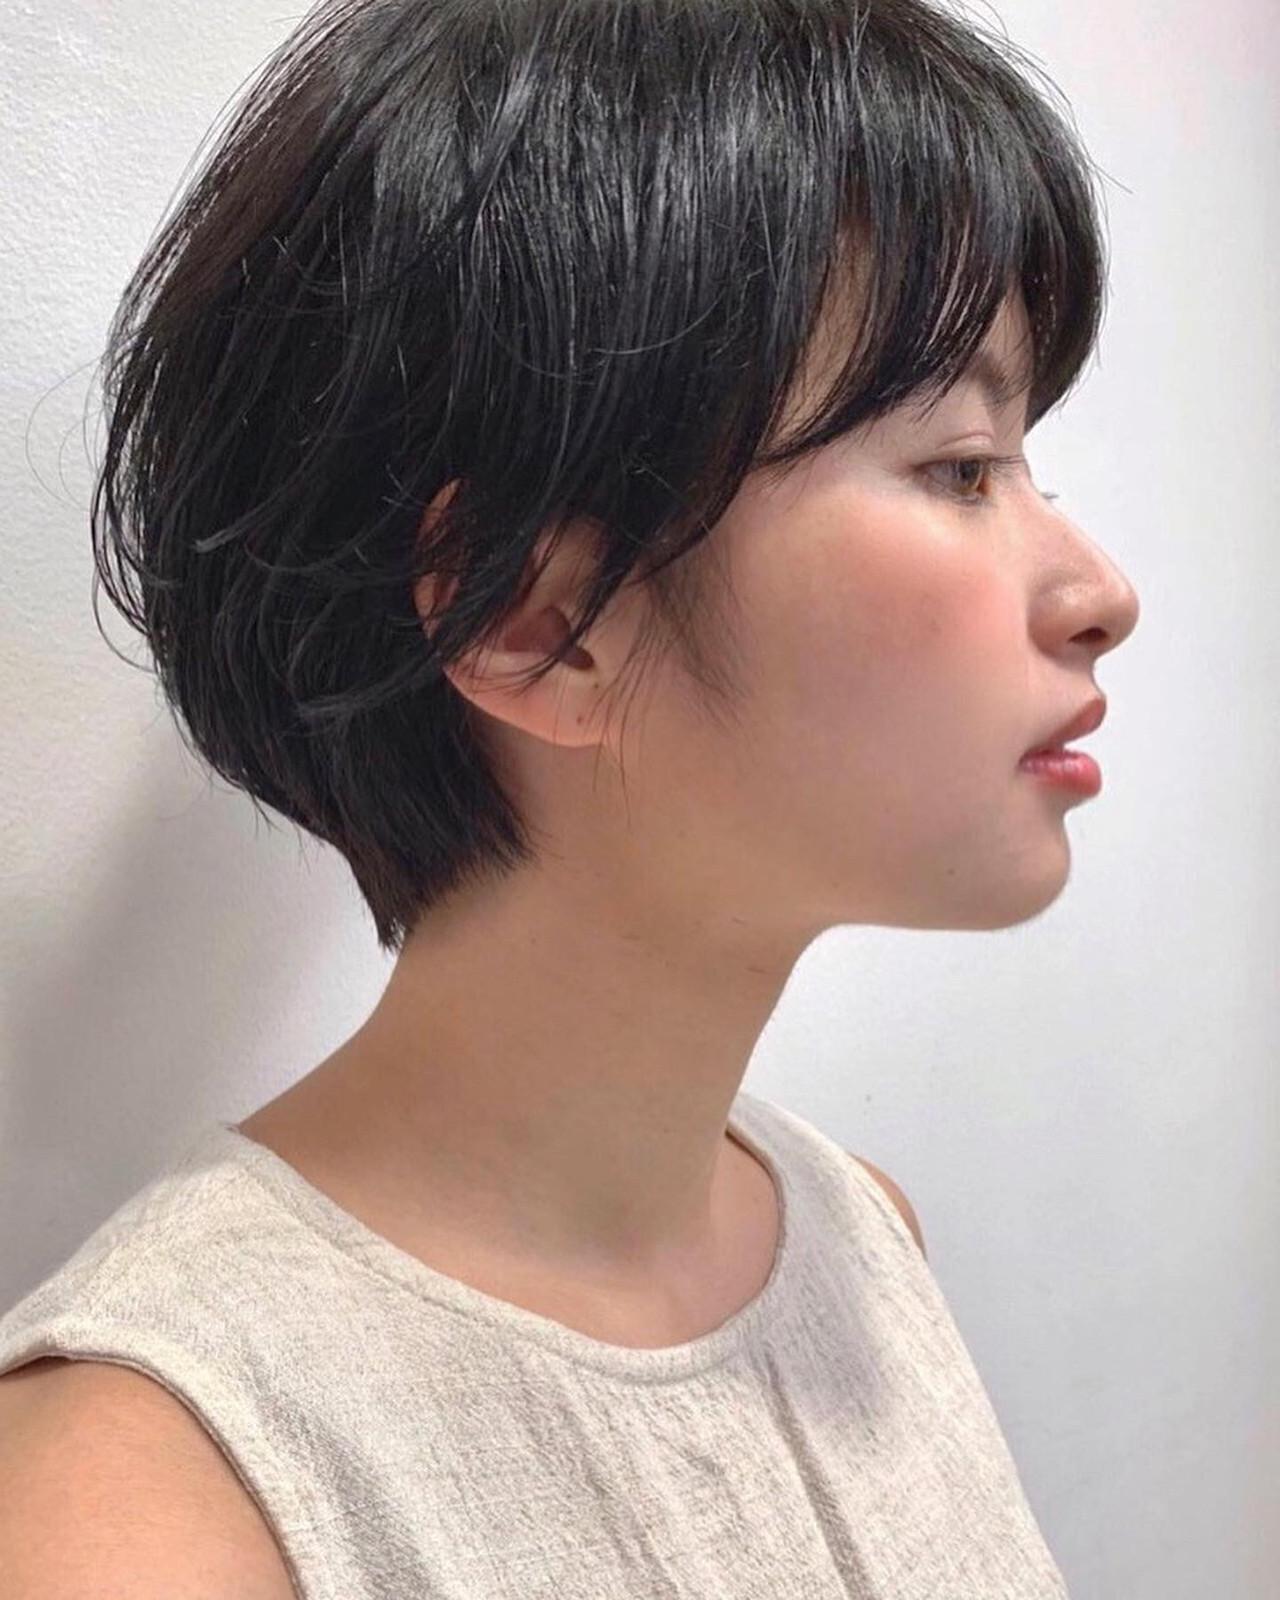 ボーイッシュ ナチュラル 黒髪 グレージュ ヘアスタイルや髪型の写真・画像